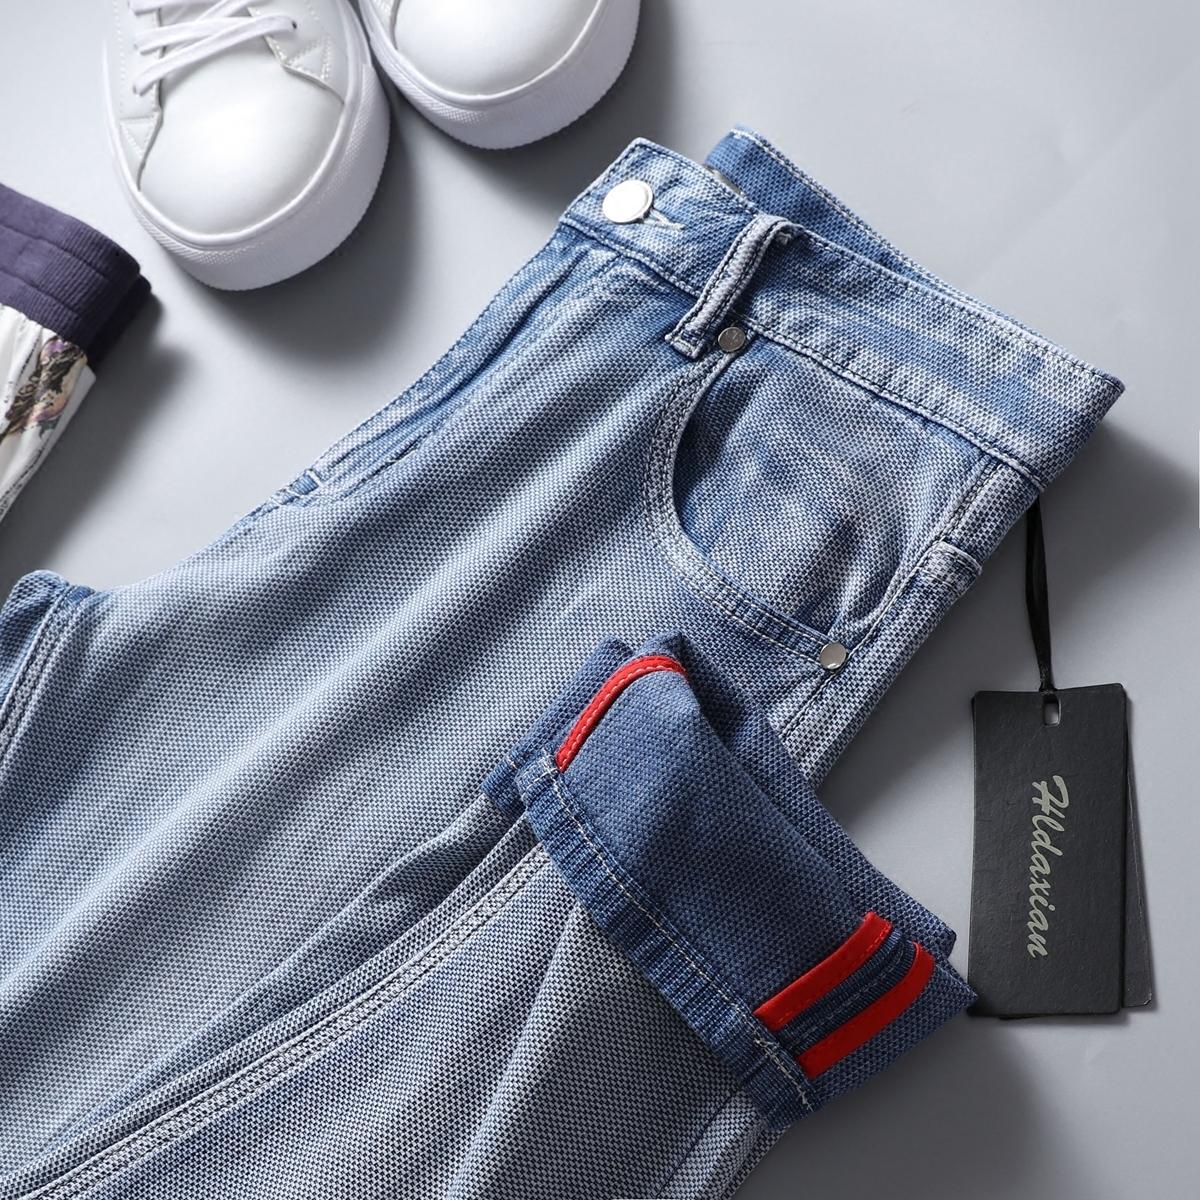 男士浅蓝色牛仔裤 让你舒适的一塌糊涂 夏季浅蓝色水洗修身休闲 小直筒牛仔裤男裤_推荐淘宝好看的男浅蓝色牛仔裤